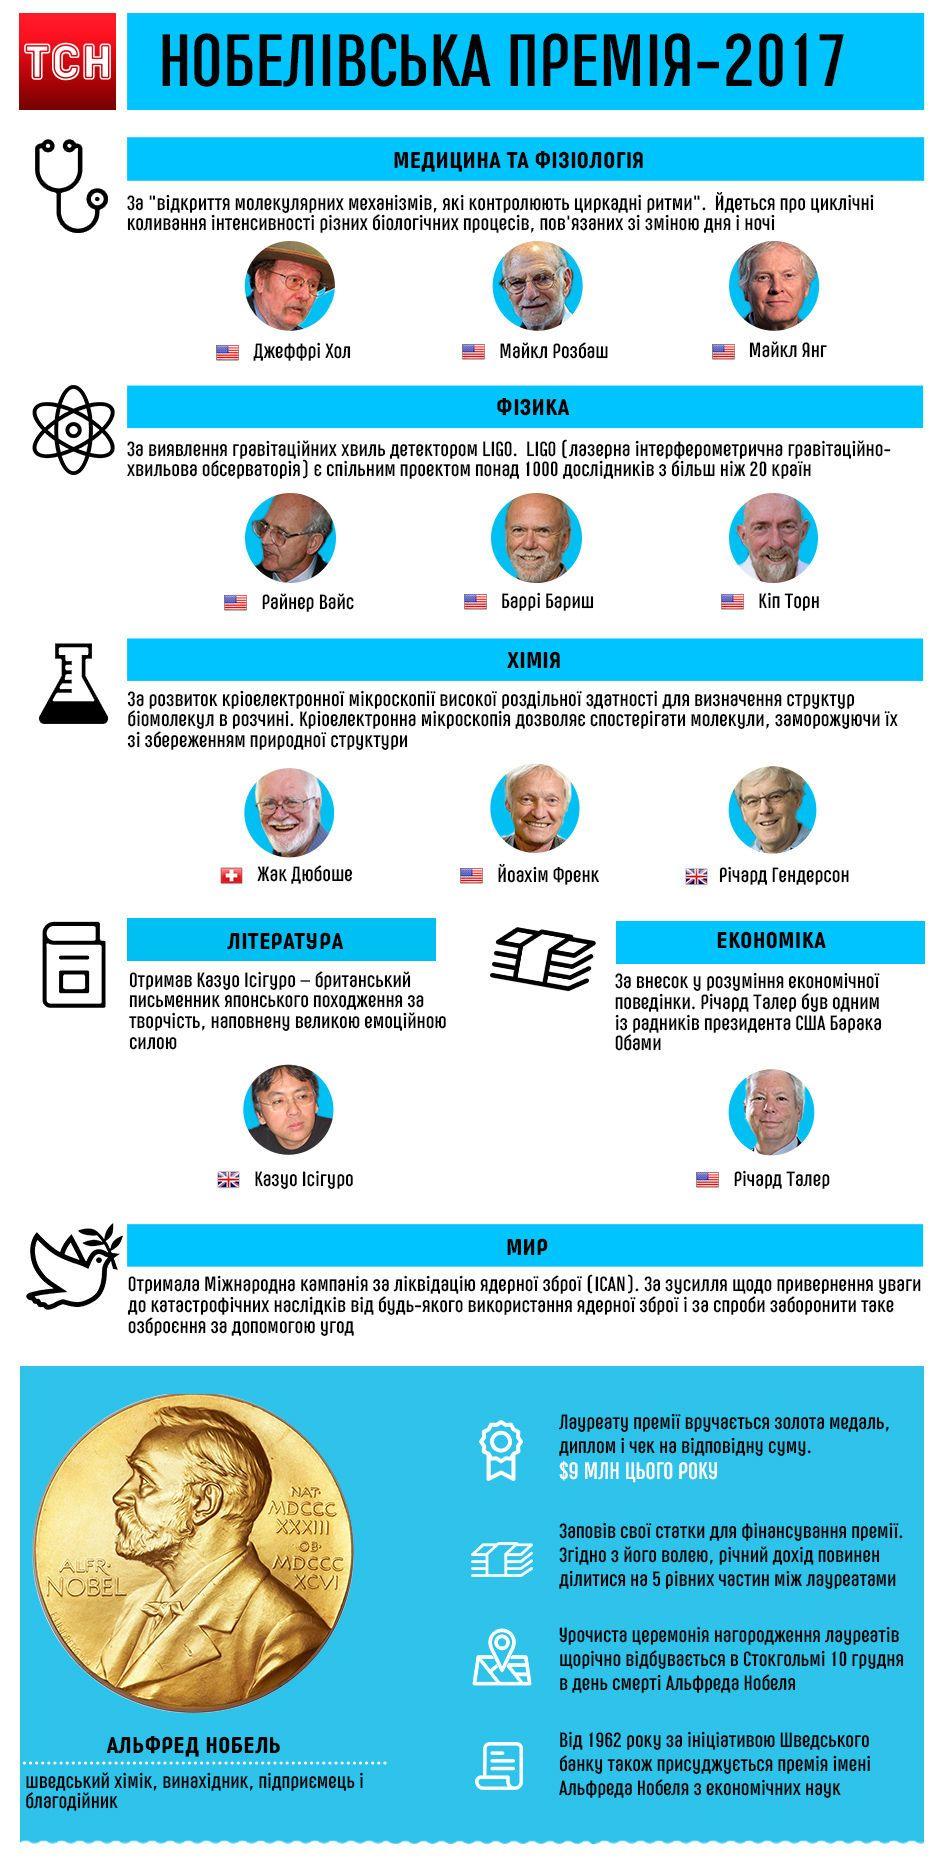 Нобелівська премія 2017. Інфографіка